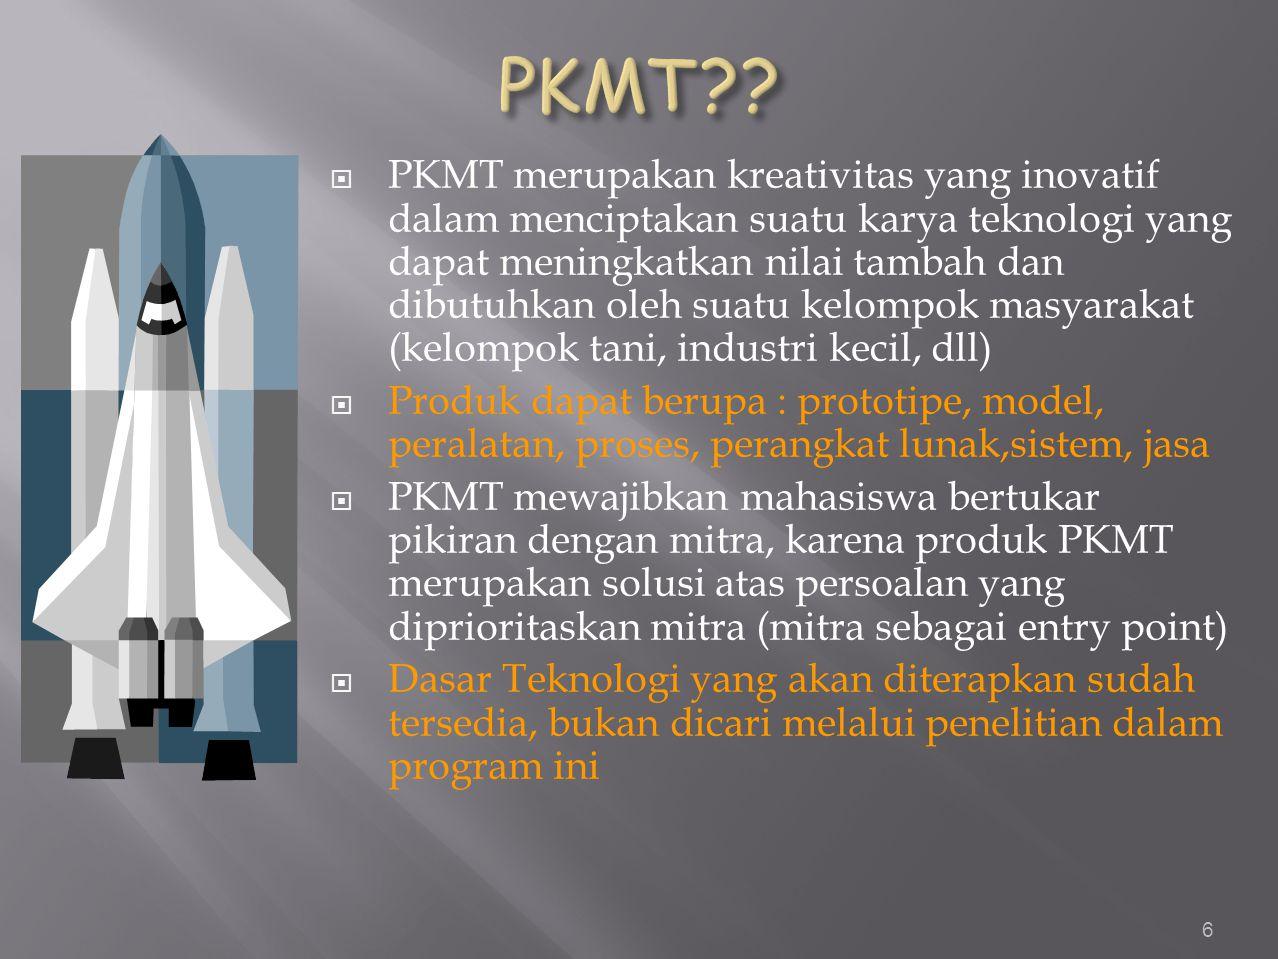  PKMT merupakan kreativitas yang inovatif dalam menciptakan suatu karya teknologi yang dapat meningkatkan nilai tambah dan dibutuhkan oleh suatu kelompok masyarakat (kelompok tani, industri kecil, dll)  Produk dapat berupa : prototipe, model, peralatan, proses, perangkat lunak,sistem, jasa  PKMT mewajibkan mahasiswa bertukar pikiran dengan mitra, karena produk PKMT merupakan solusi atas persoalan yang diprioritaskan mitra (mitra sebagai entry point)  Dasar Teknologi yang akan diterapkan sudah tersedia, bukan dicari melalui penelitian dalam program ini 6